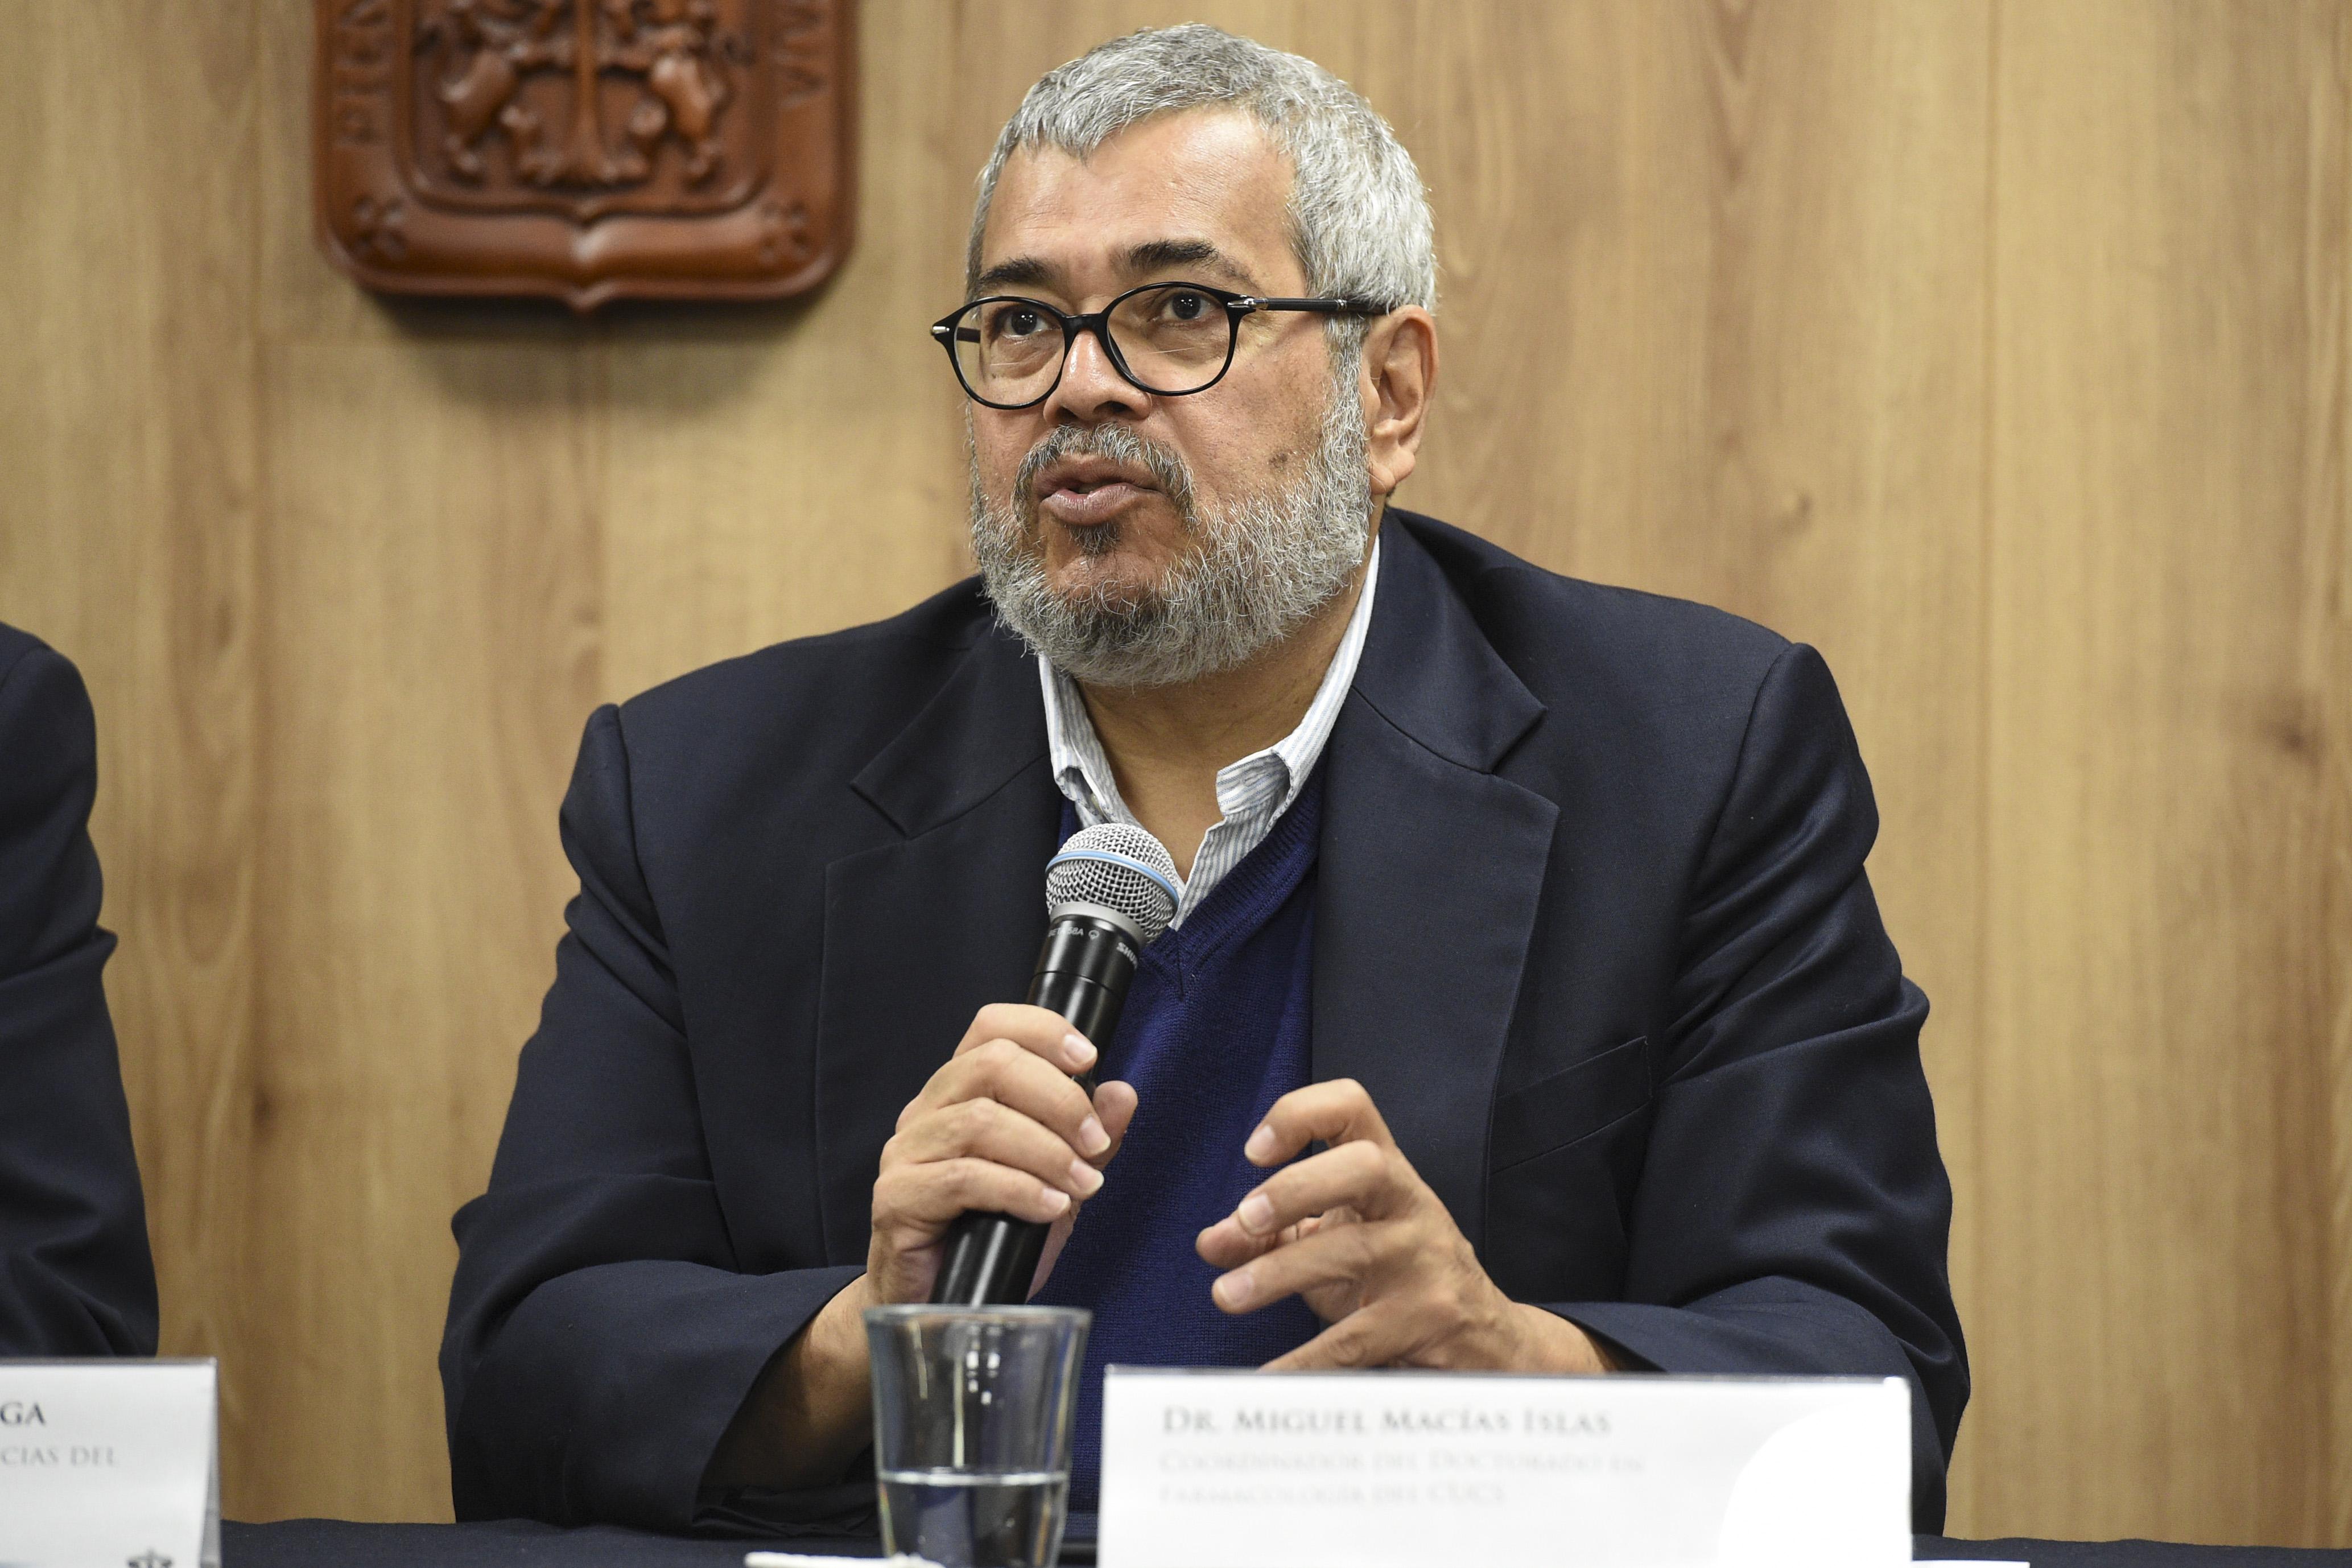 Al micrófono el Dr. Miguel Macías Islas, ofreciendo una descripción del contenido del libro